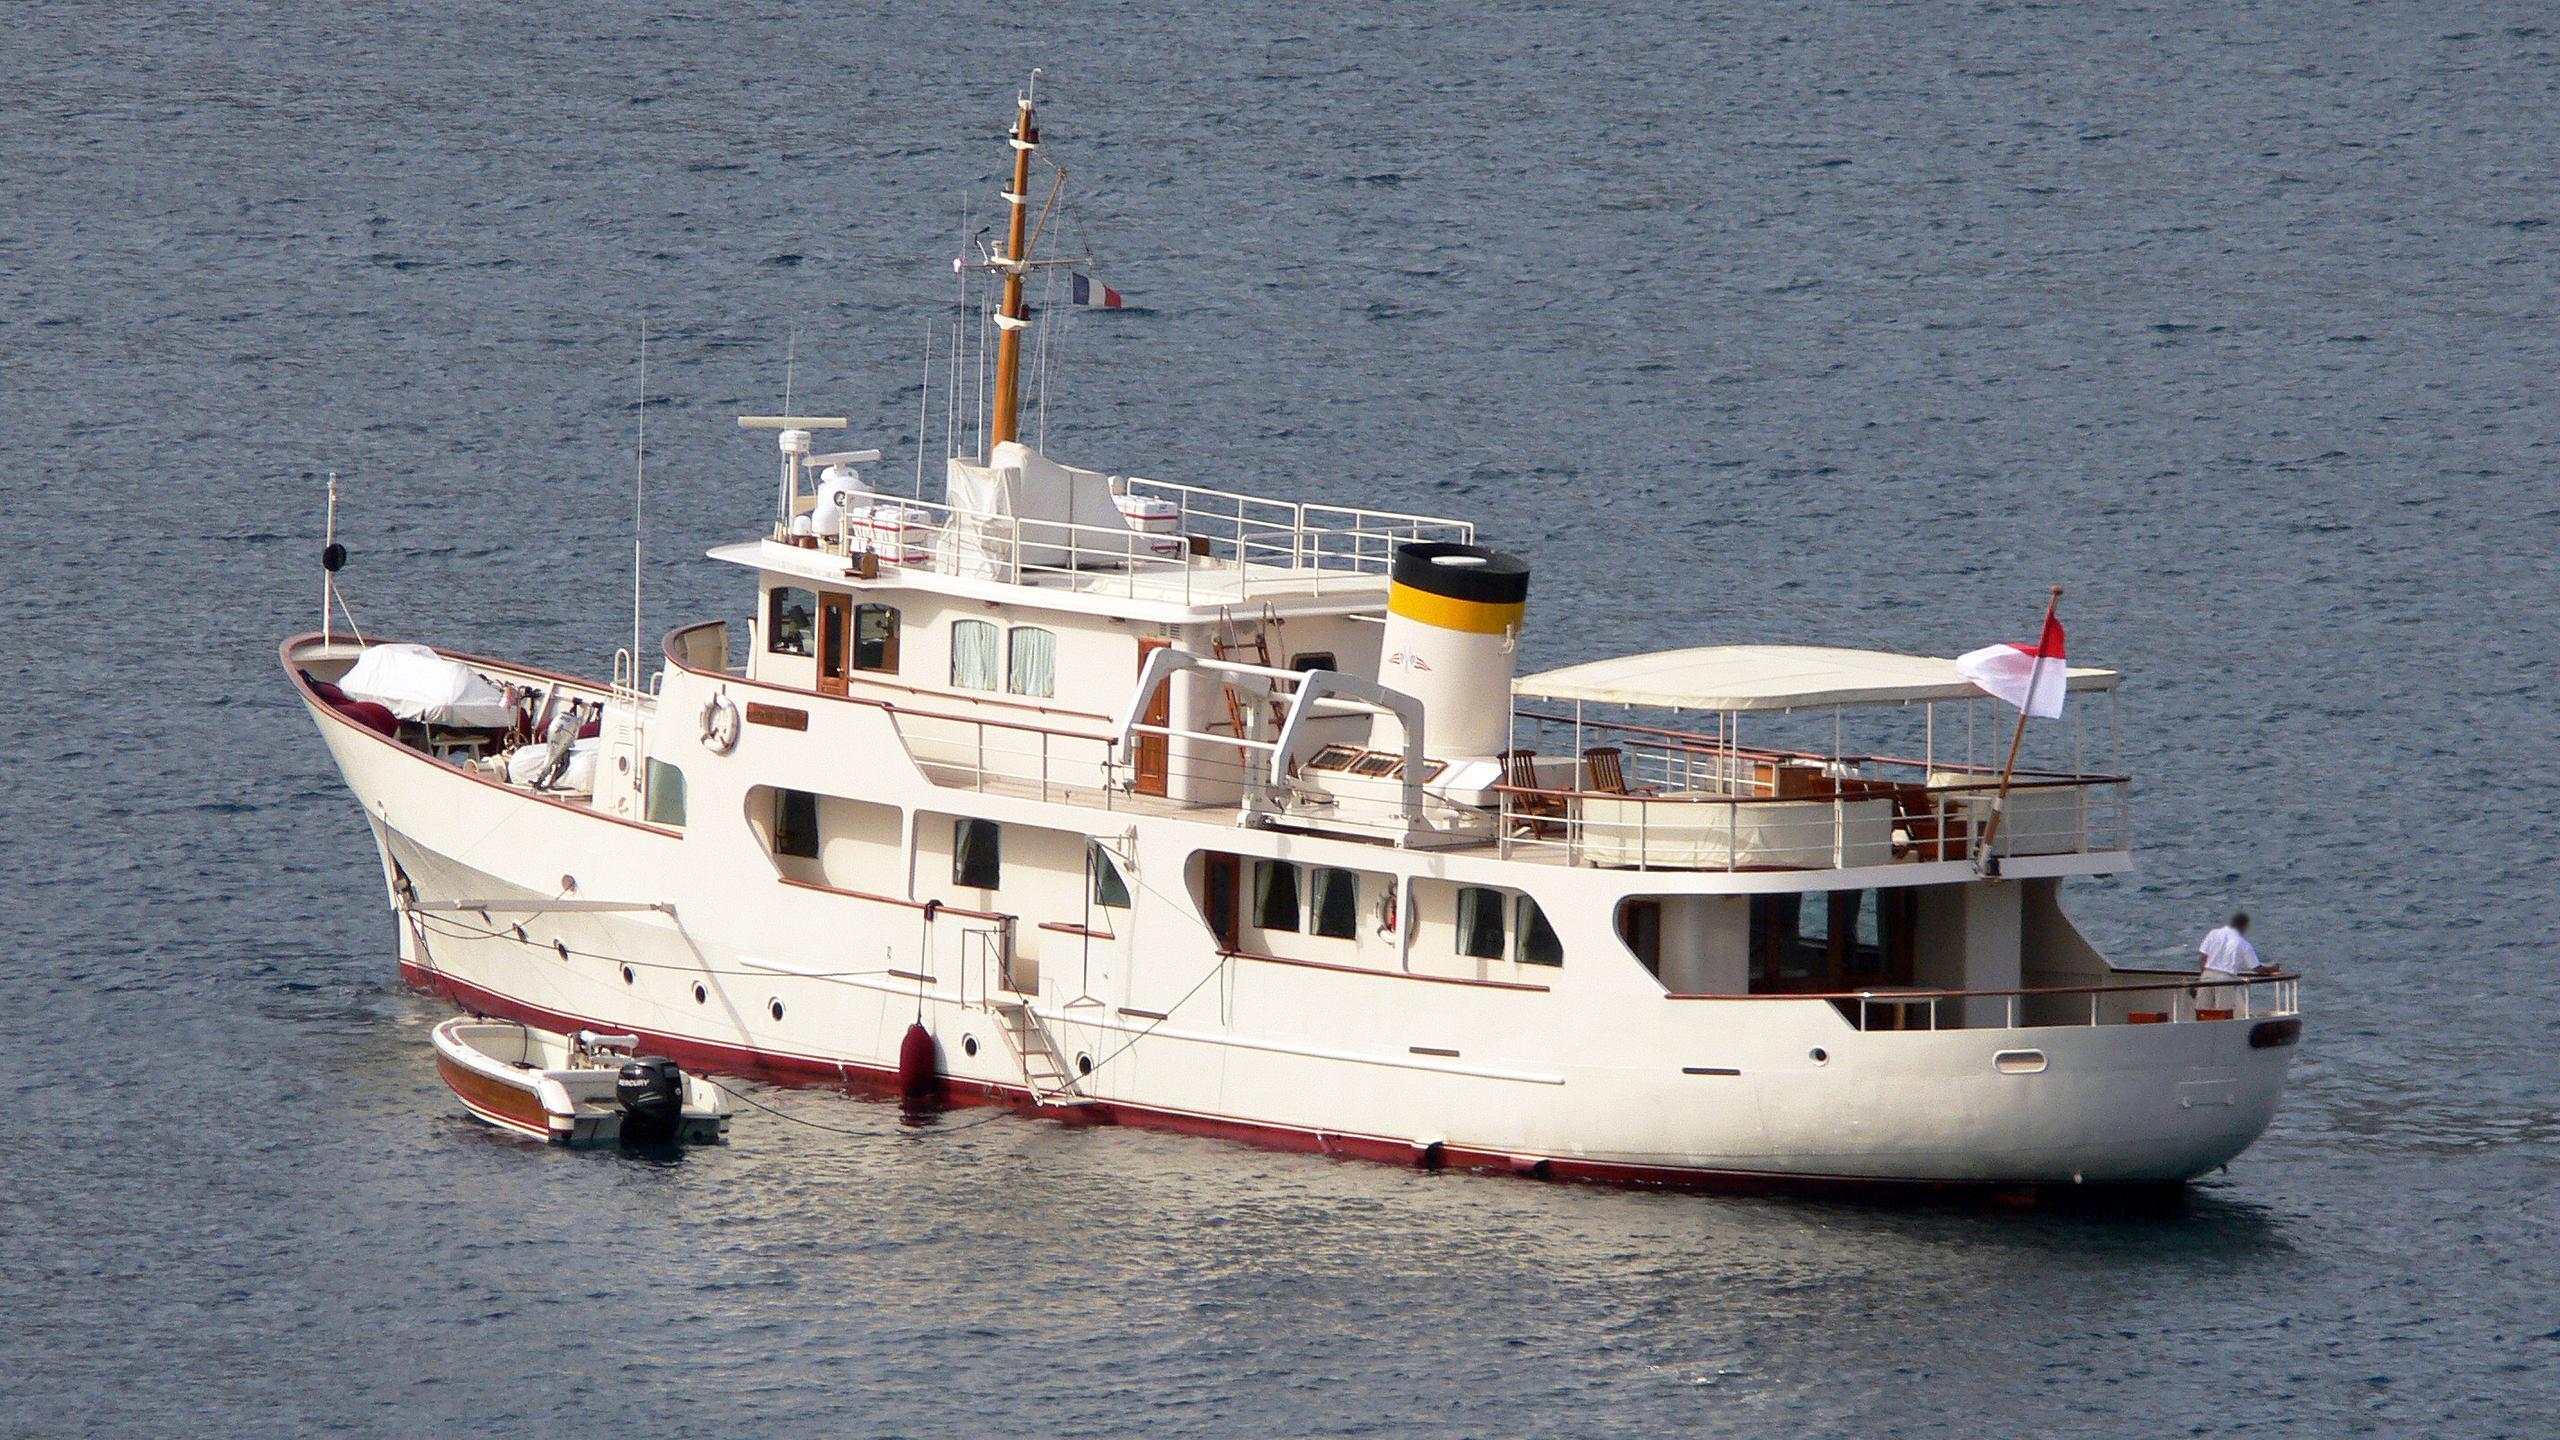 montrevel-motor-yacht-ateliers-et-forges-de-l-ouest-1958-37m-half-profile